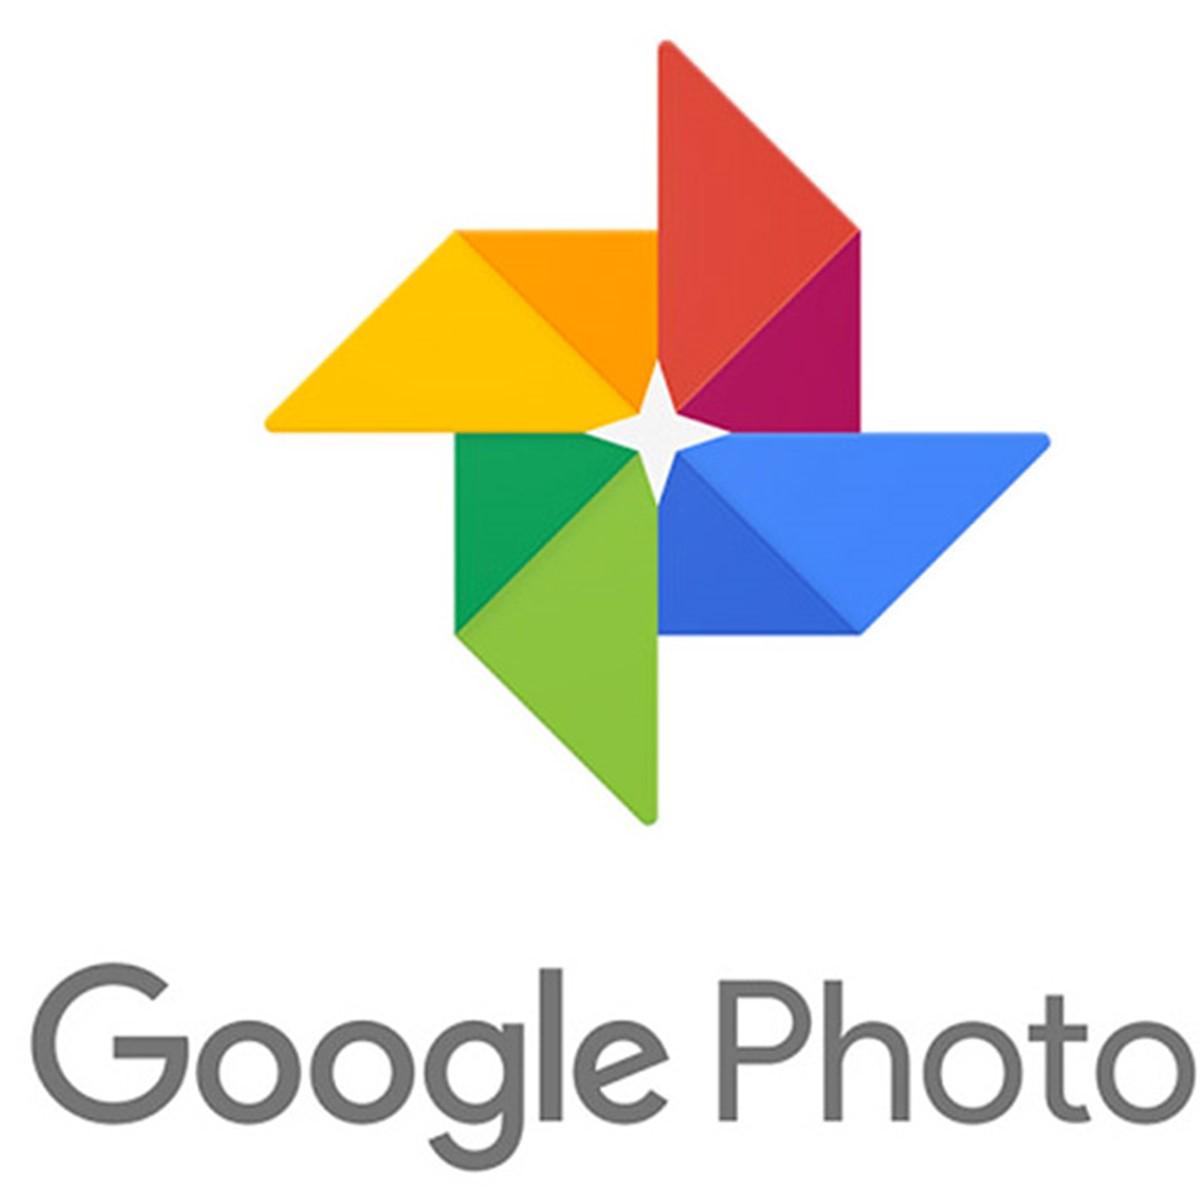 Livraison offerte pour l'achat d'un livre photo Google